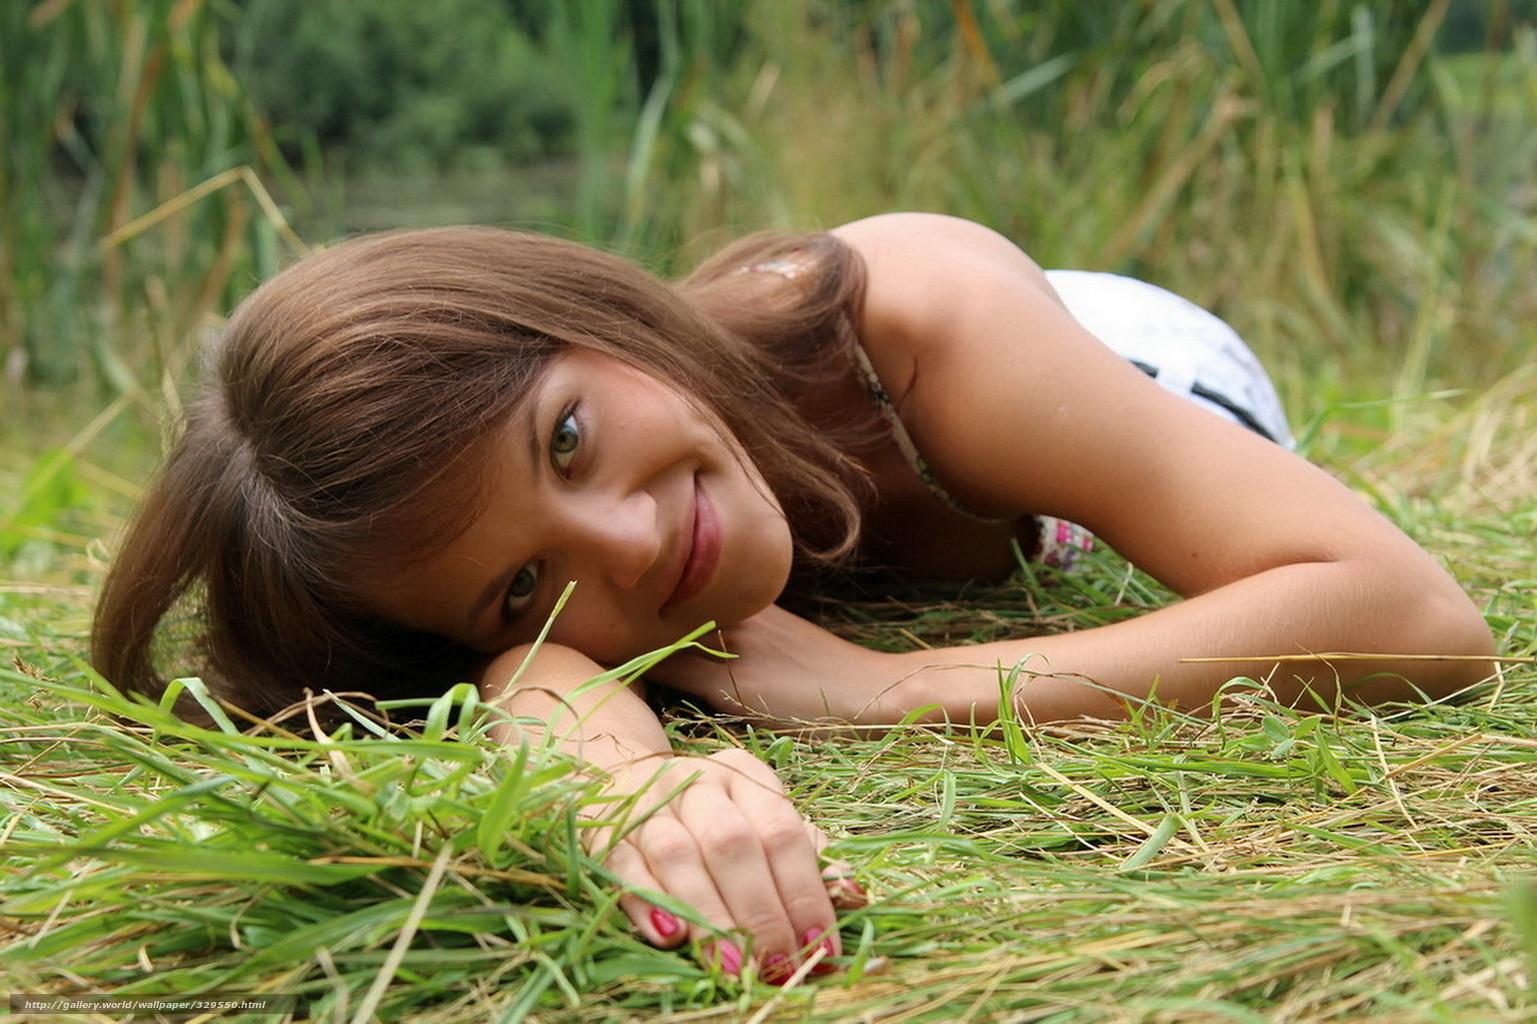 Смотреть волосатые сиськи девочек секс 21 фотография